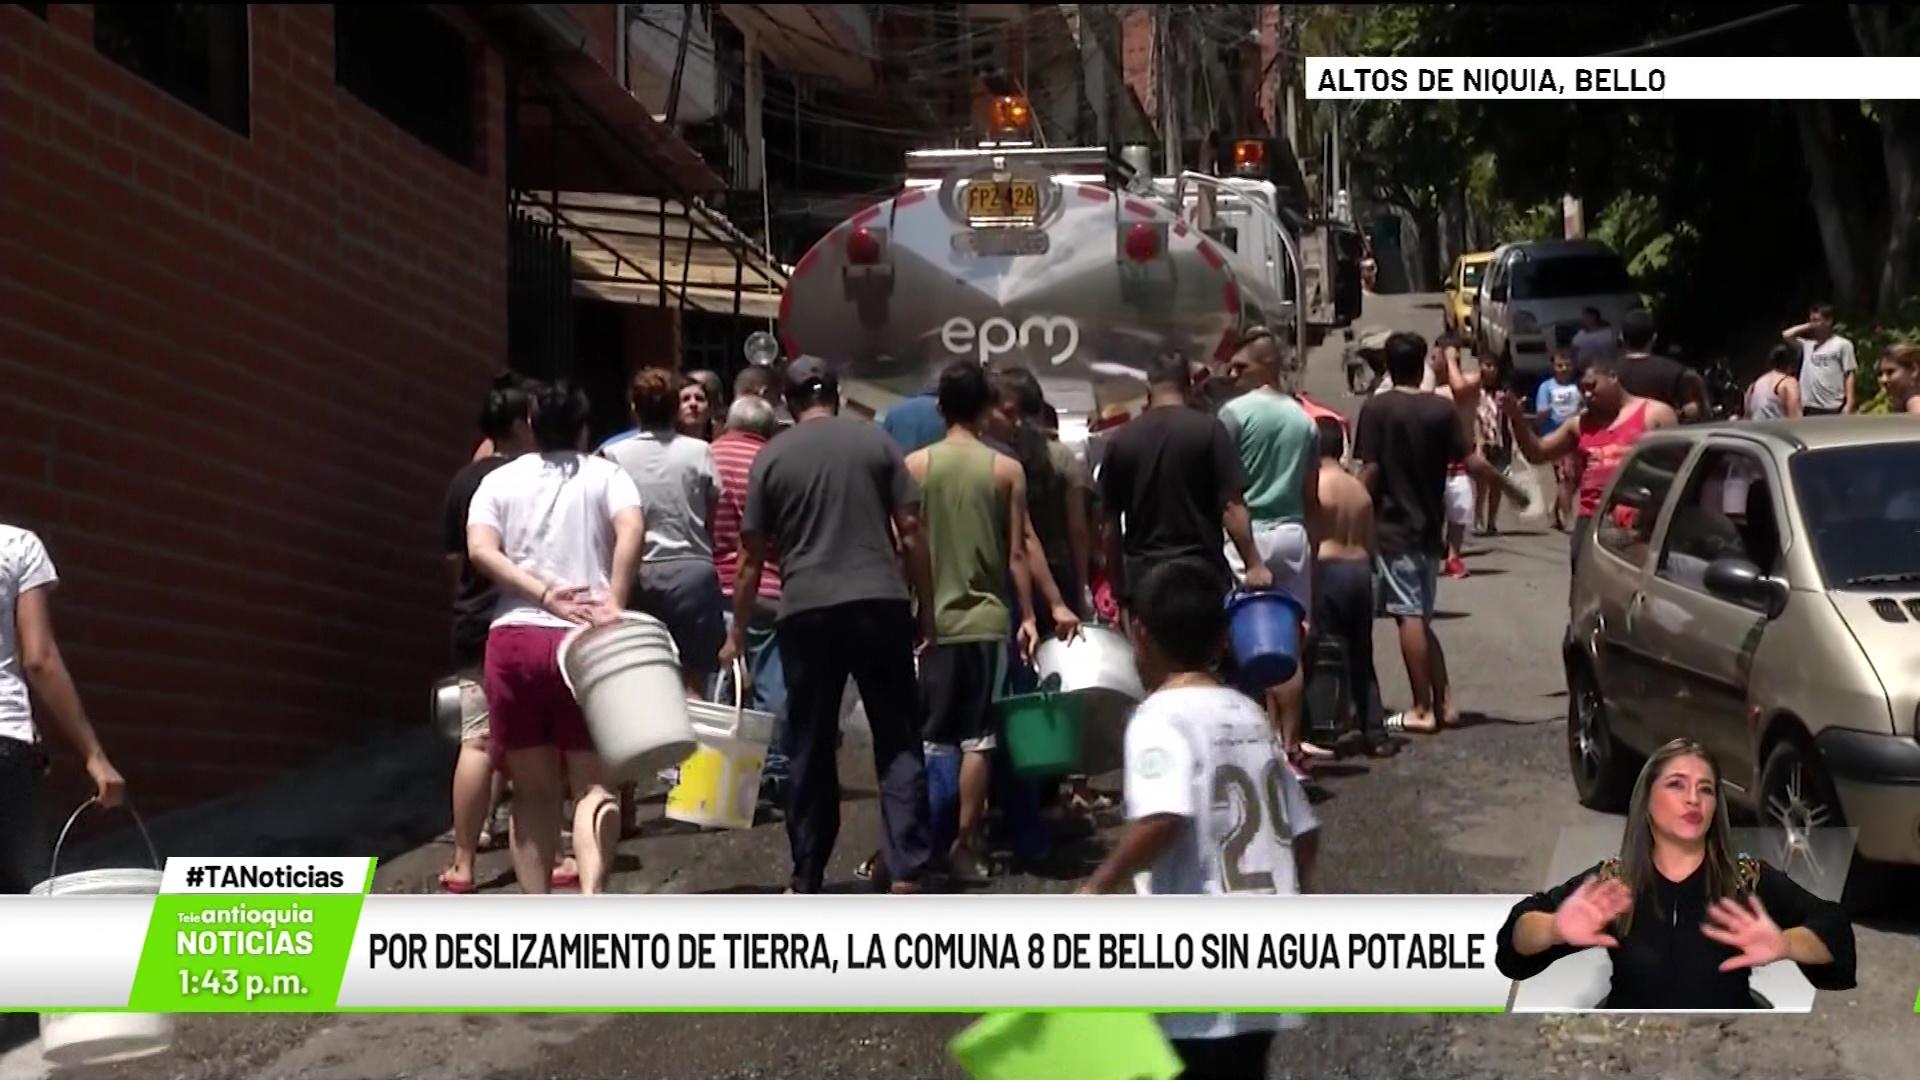 Por deslizamiento de tierra, la Comuna 8 de Bello sin agua potable